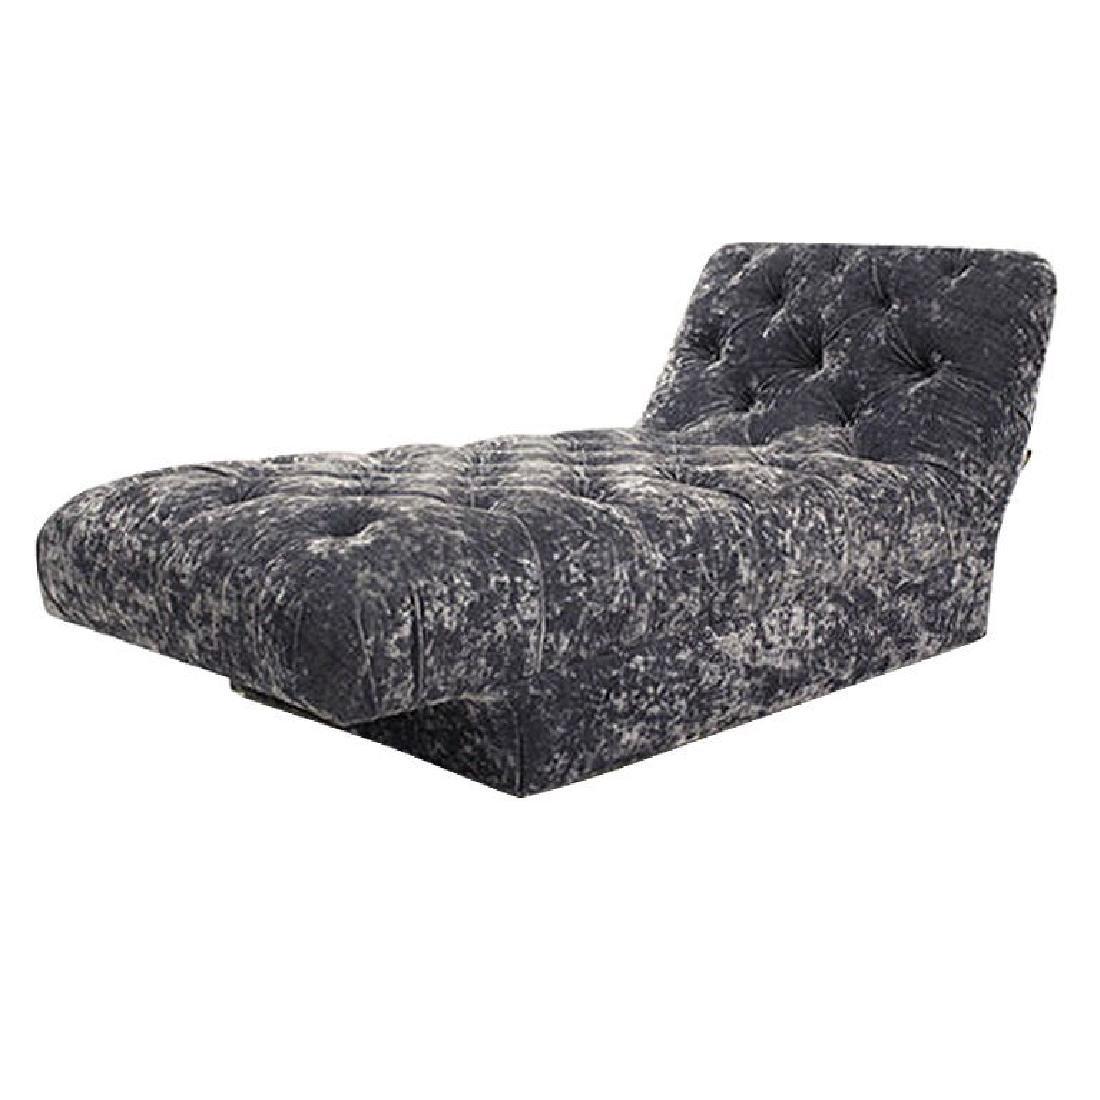 Vladimir Kagan Lounge Chair